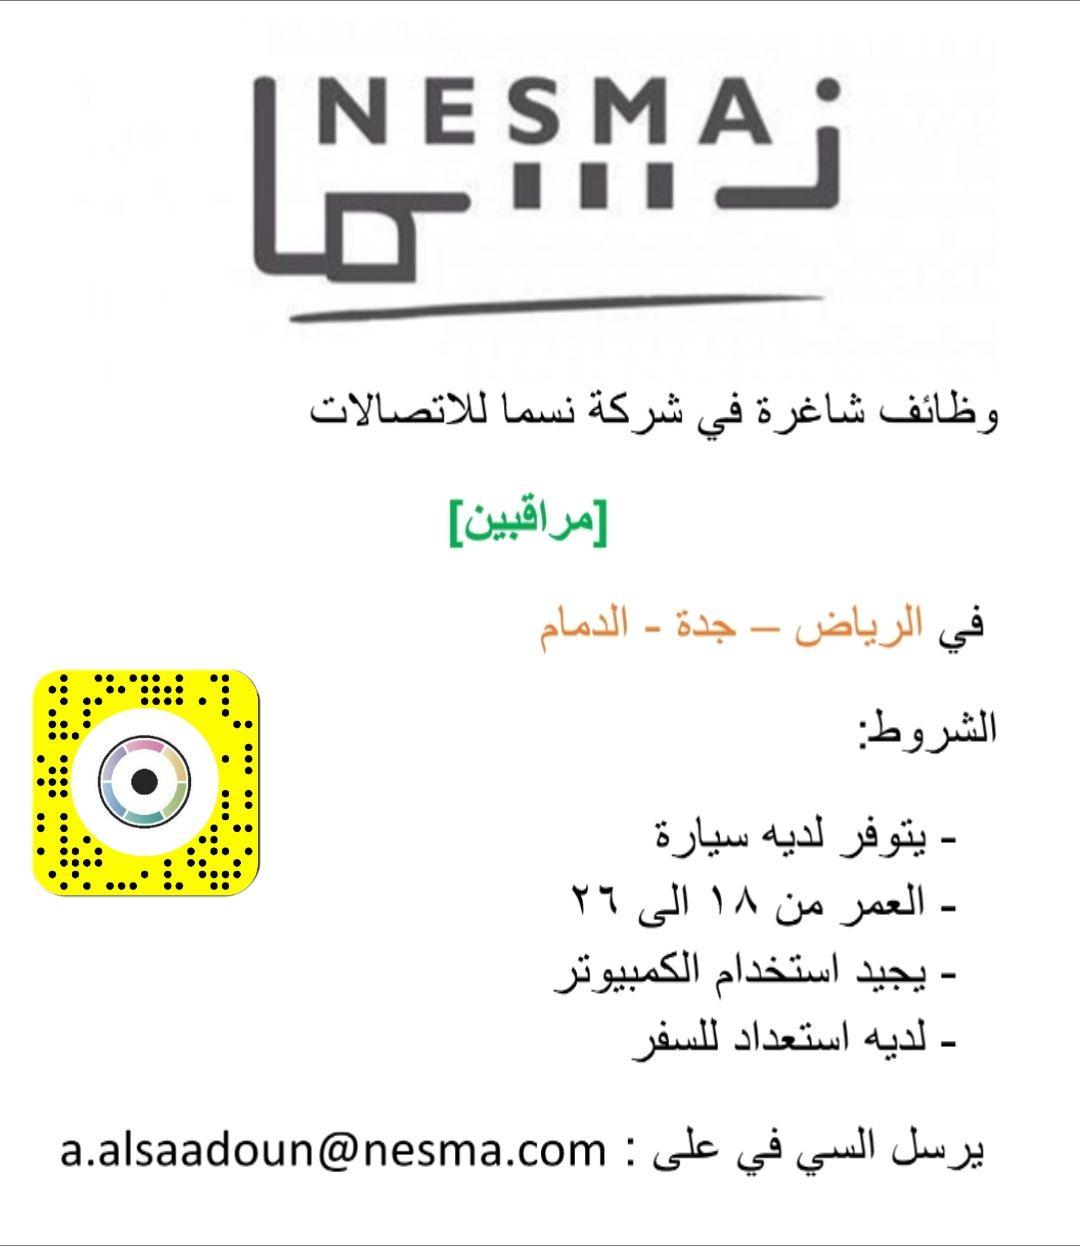 وظائف شاغرة في شركة نسما للاتصالات في الرياض جدة الدمام وظائف اليوم Math Math Equations Boarding Pass